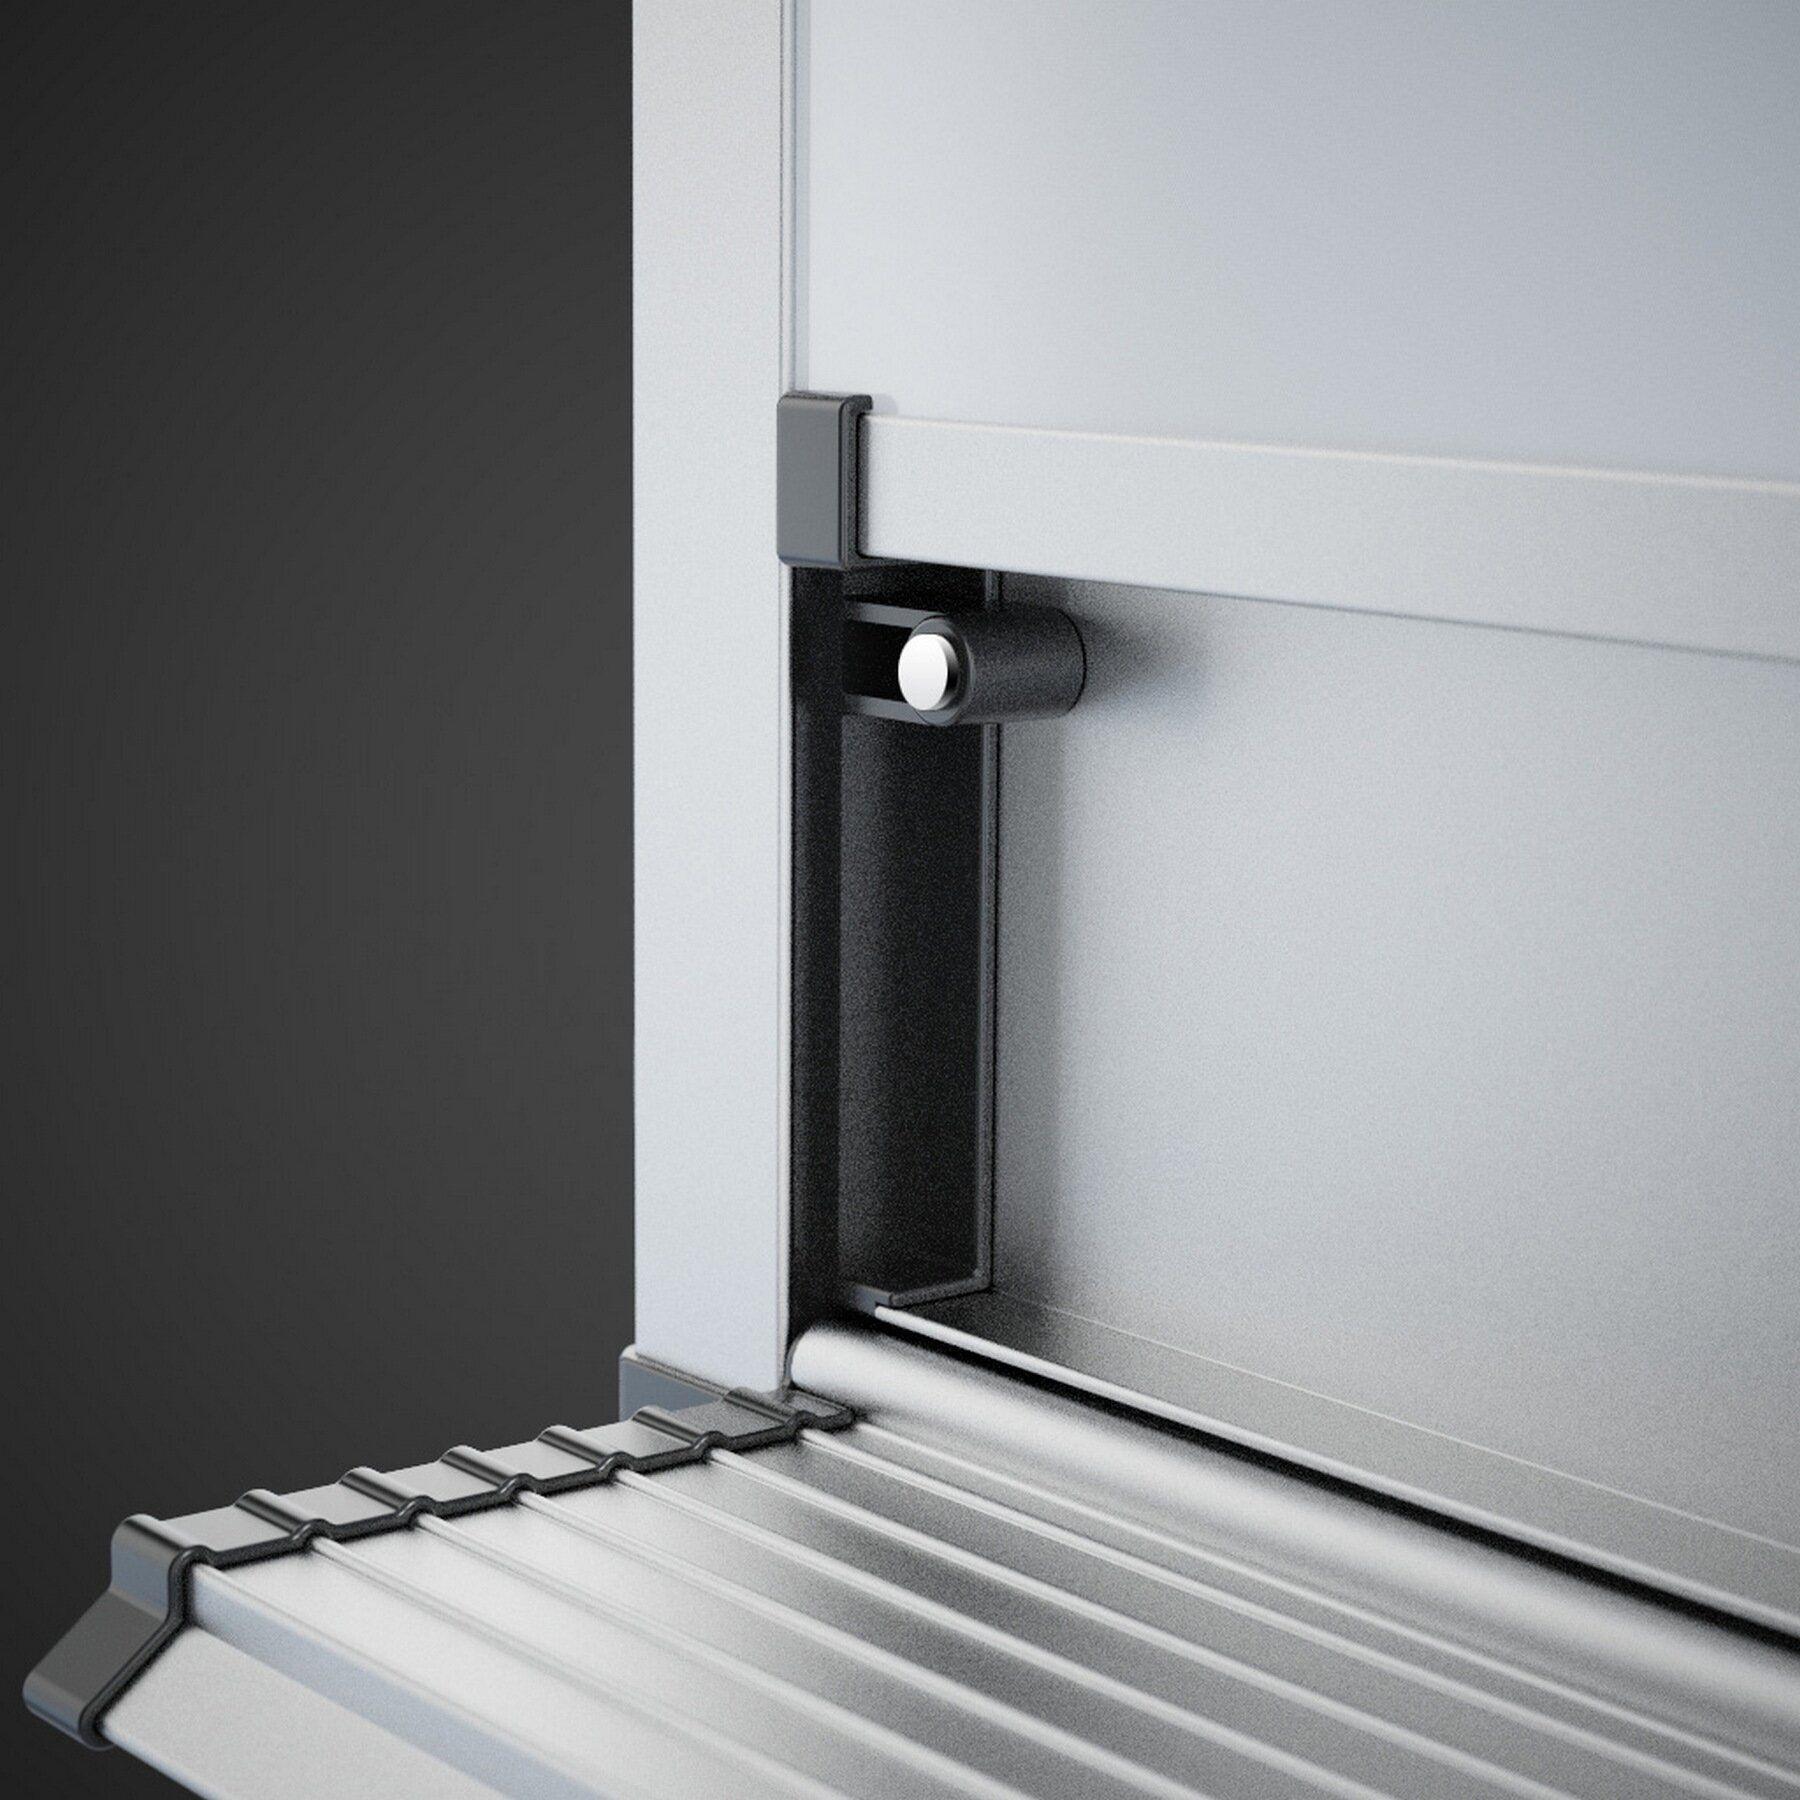 Доска белая магнитная сухостираемая StarBoard 60*90см., алюминиевая рамка, лак 2x3 - фото 4